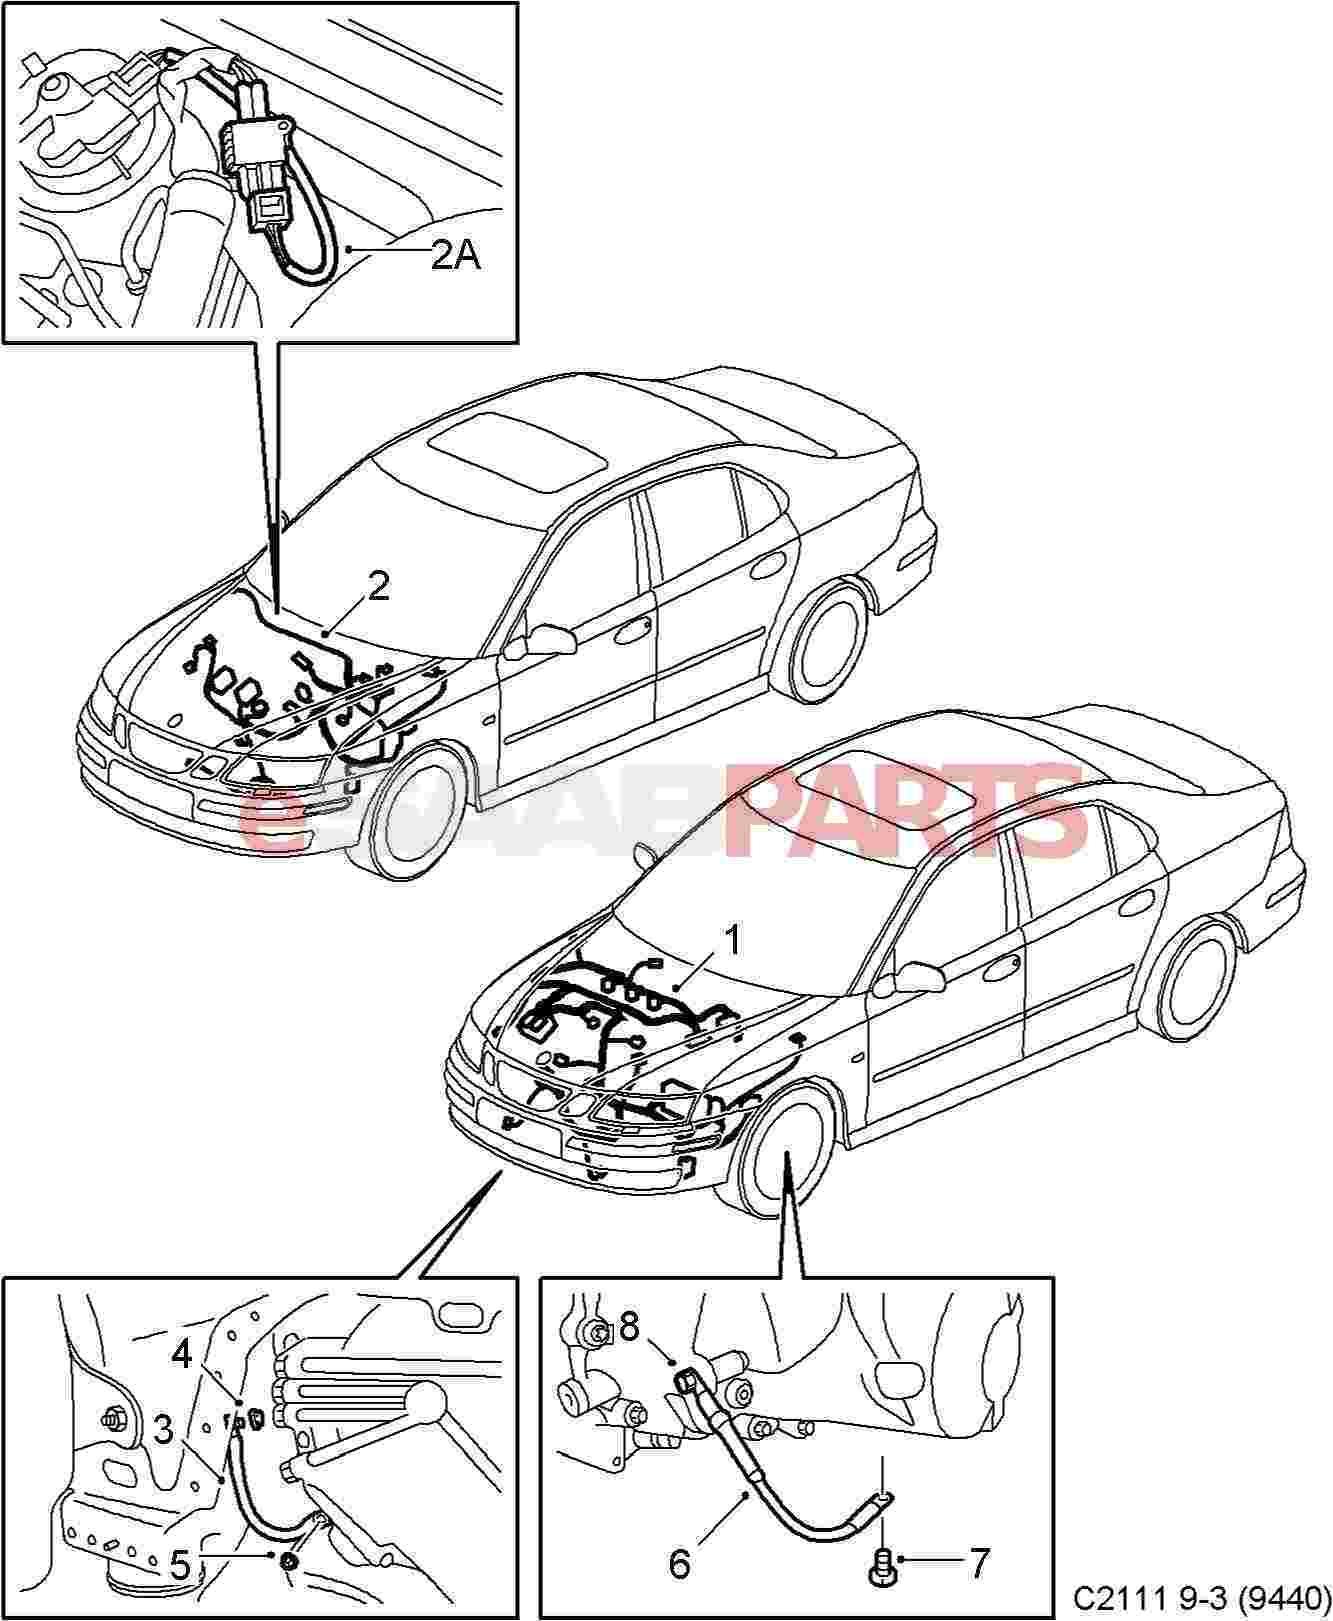 Diagram image 4